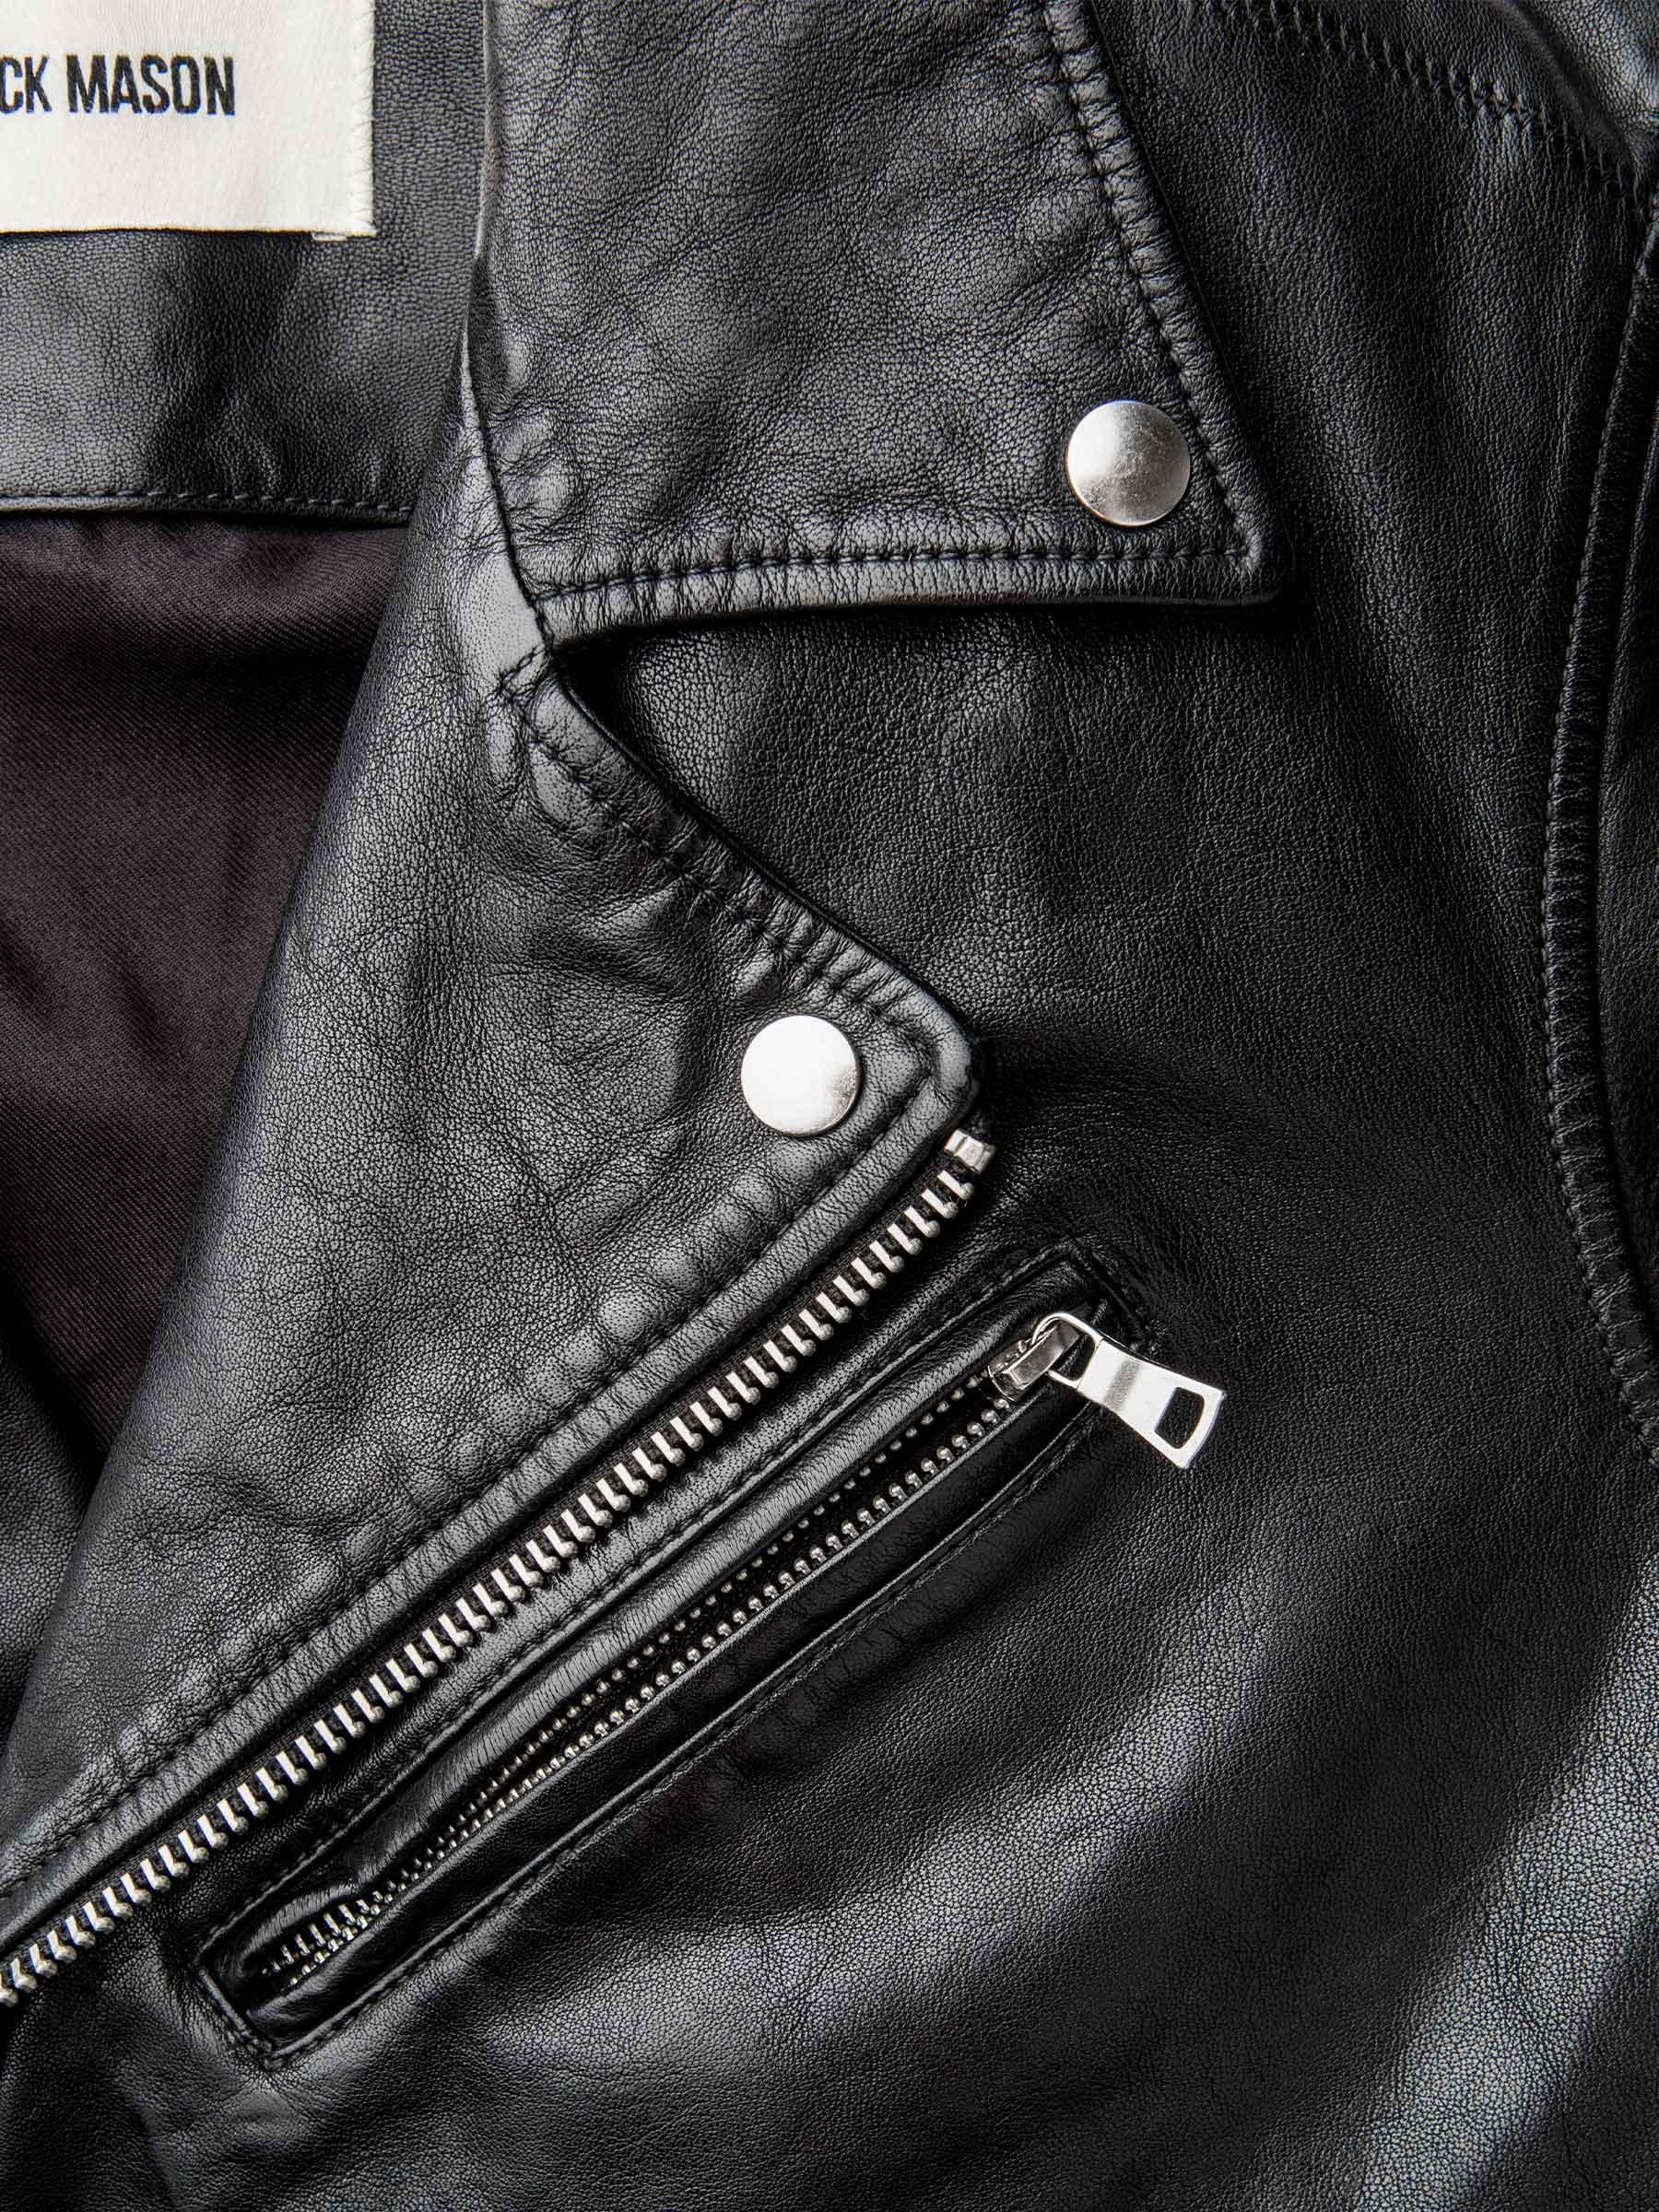 Buck Mason - Bruiser Moto Jacket